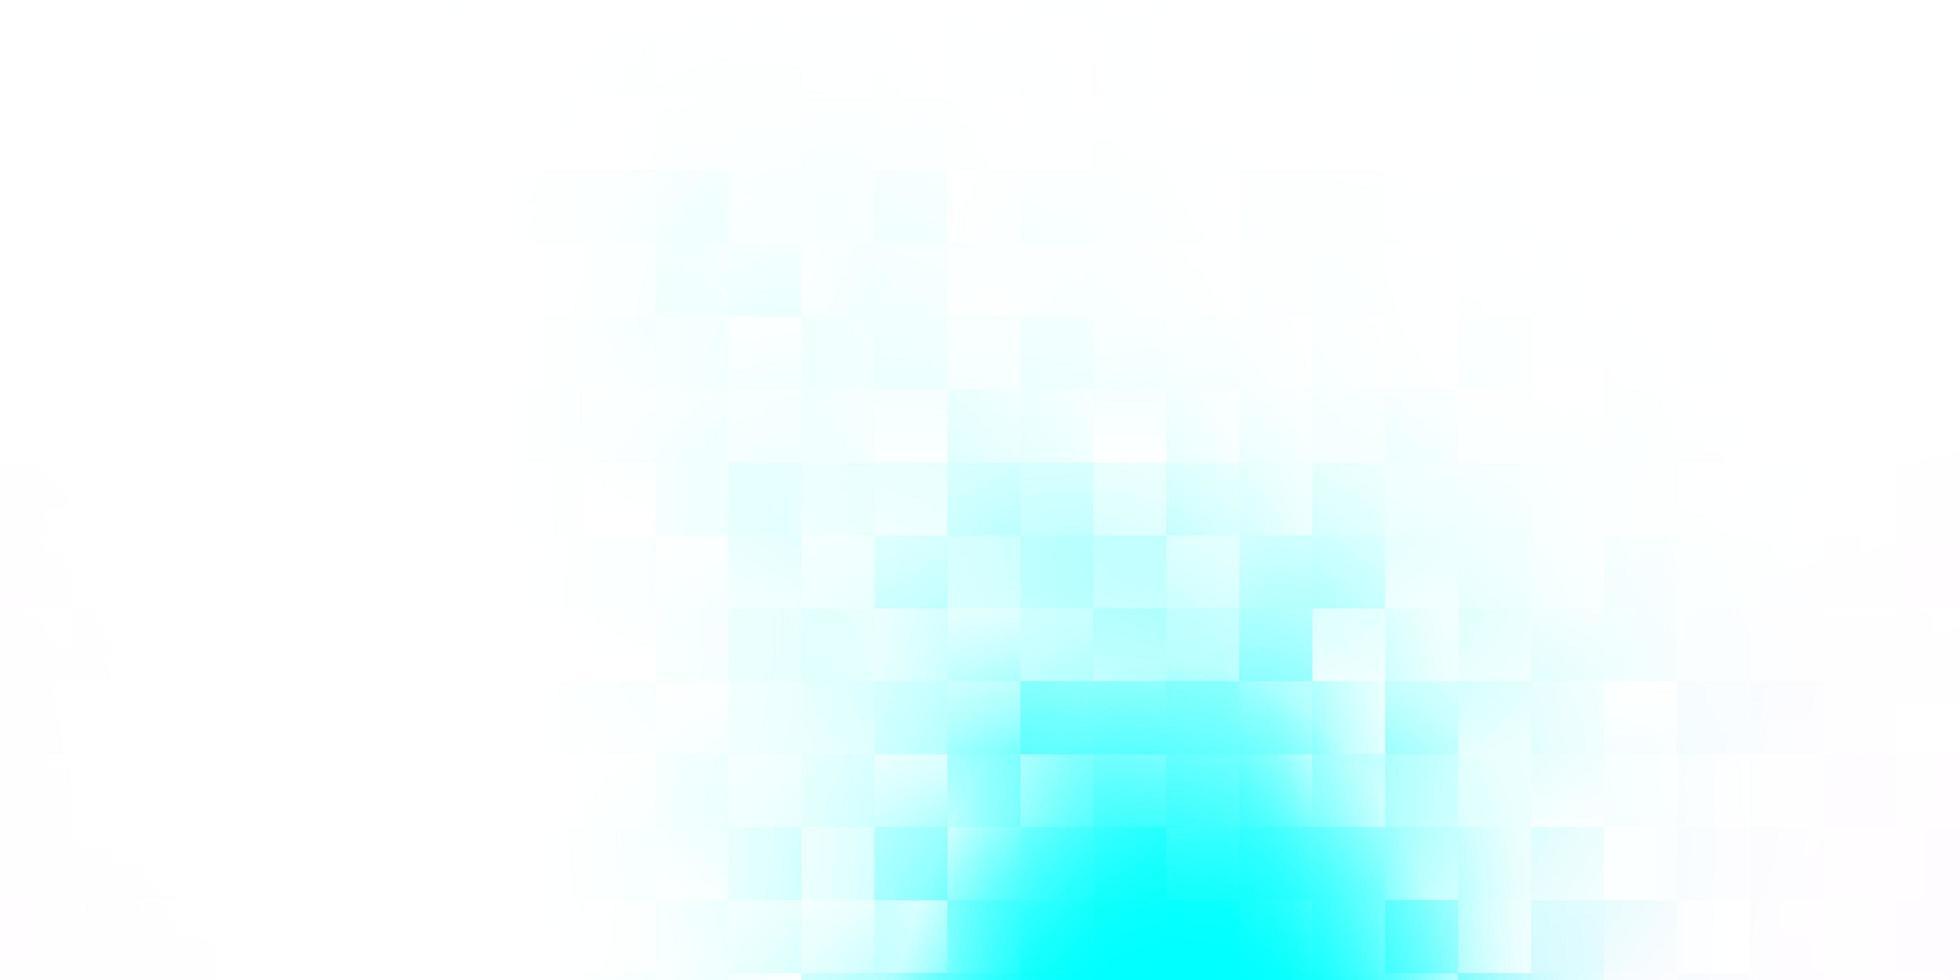 modelo de vetor rosa claro, azul com formas abstratas.